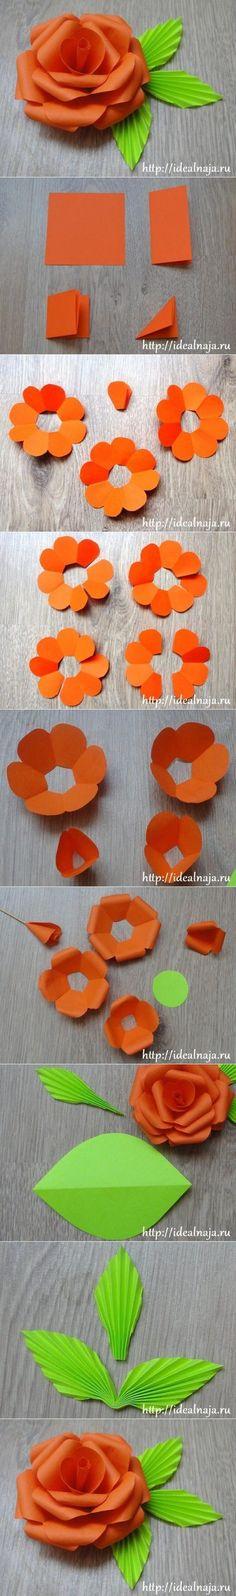 DIY Easy Paper Rose